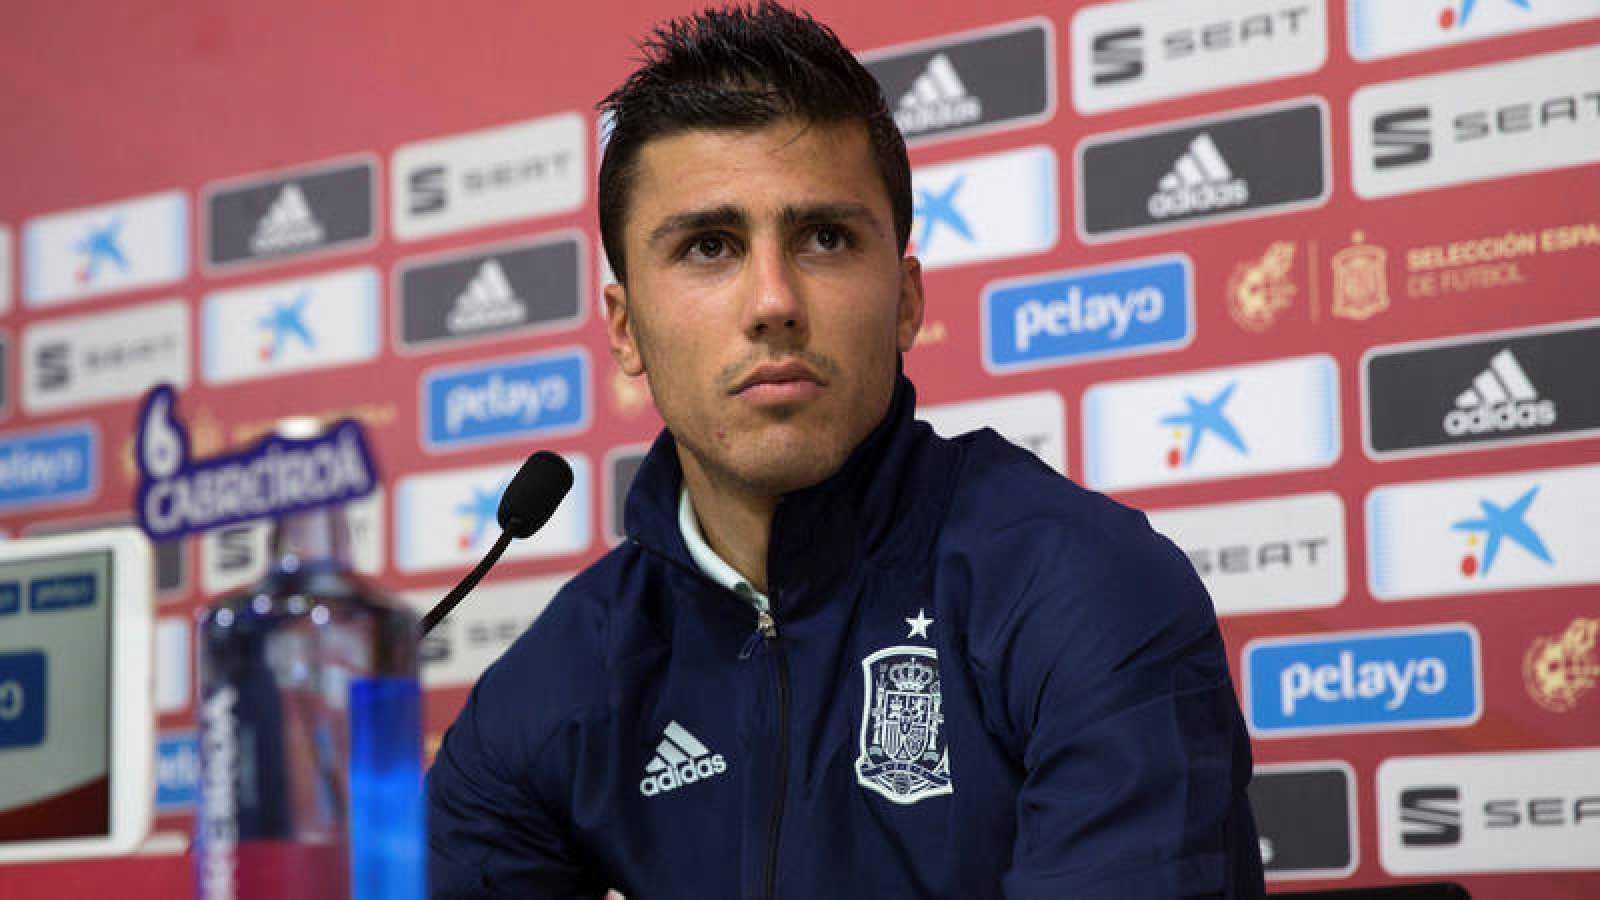 Rueda de prensa del centrocampista Rodri Hernández.